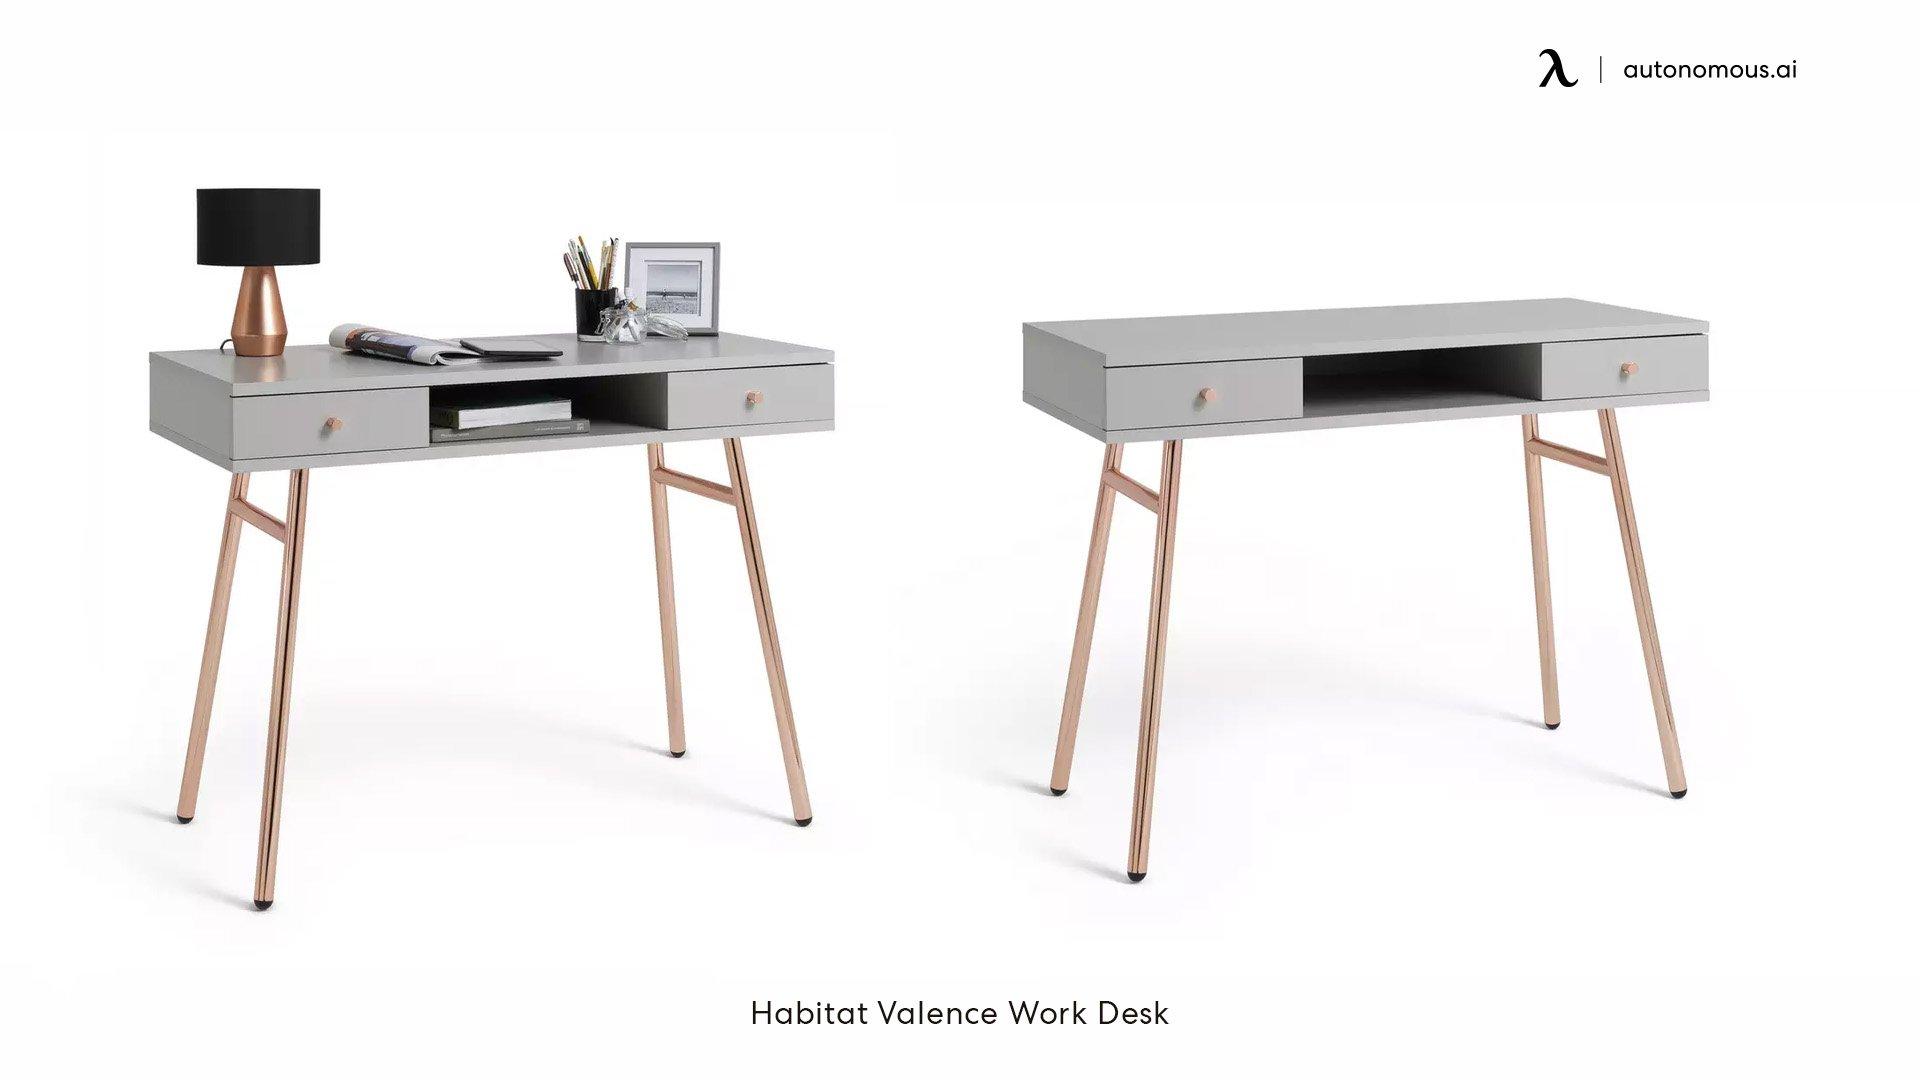 Habitat Valence Work Desk